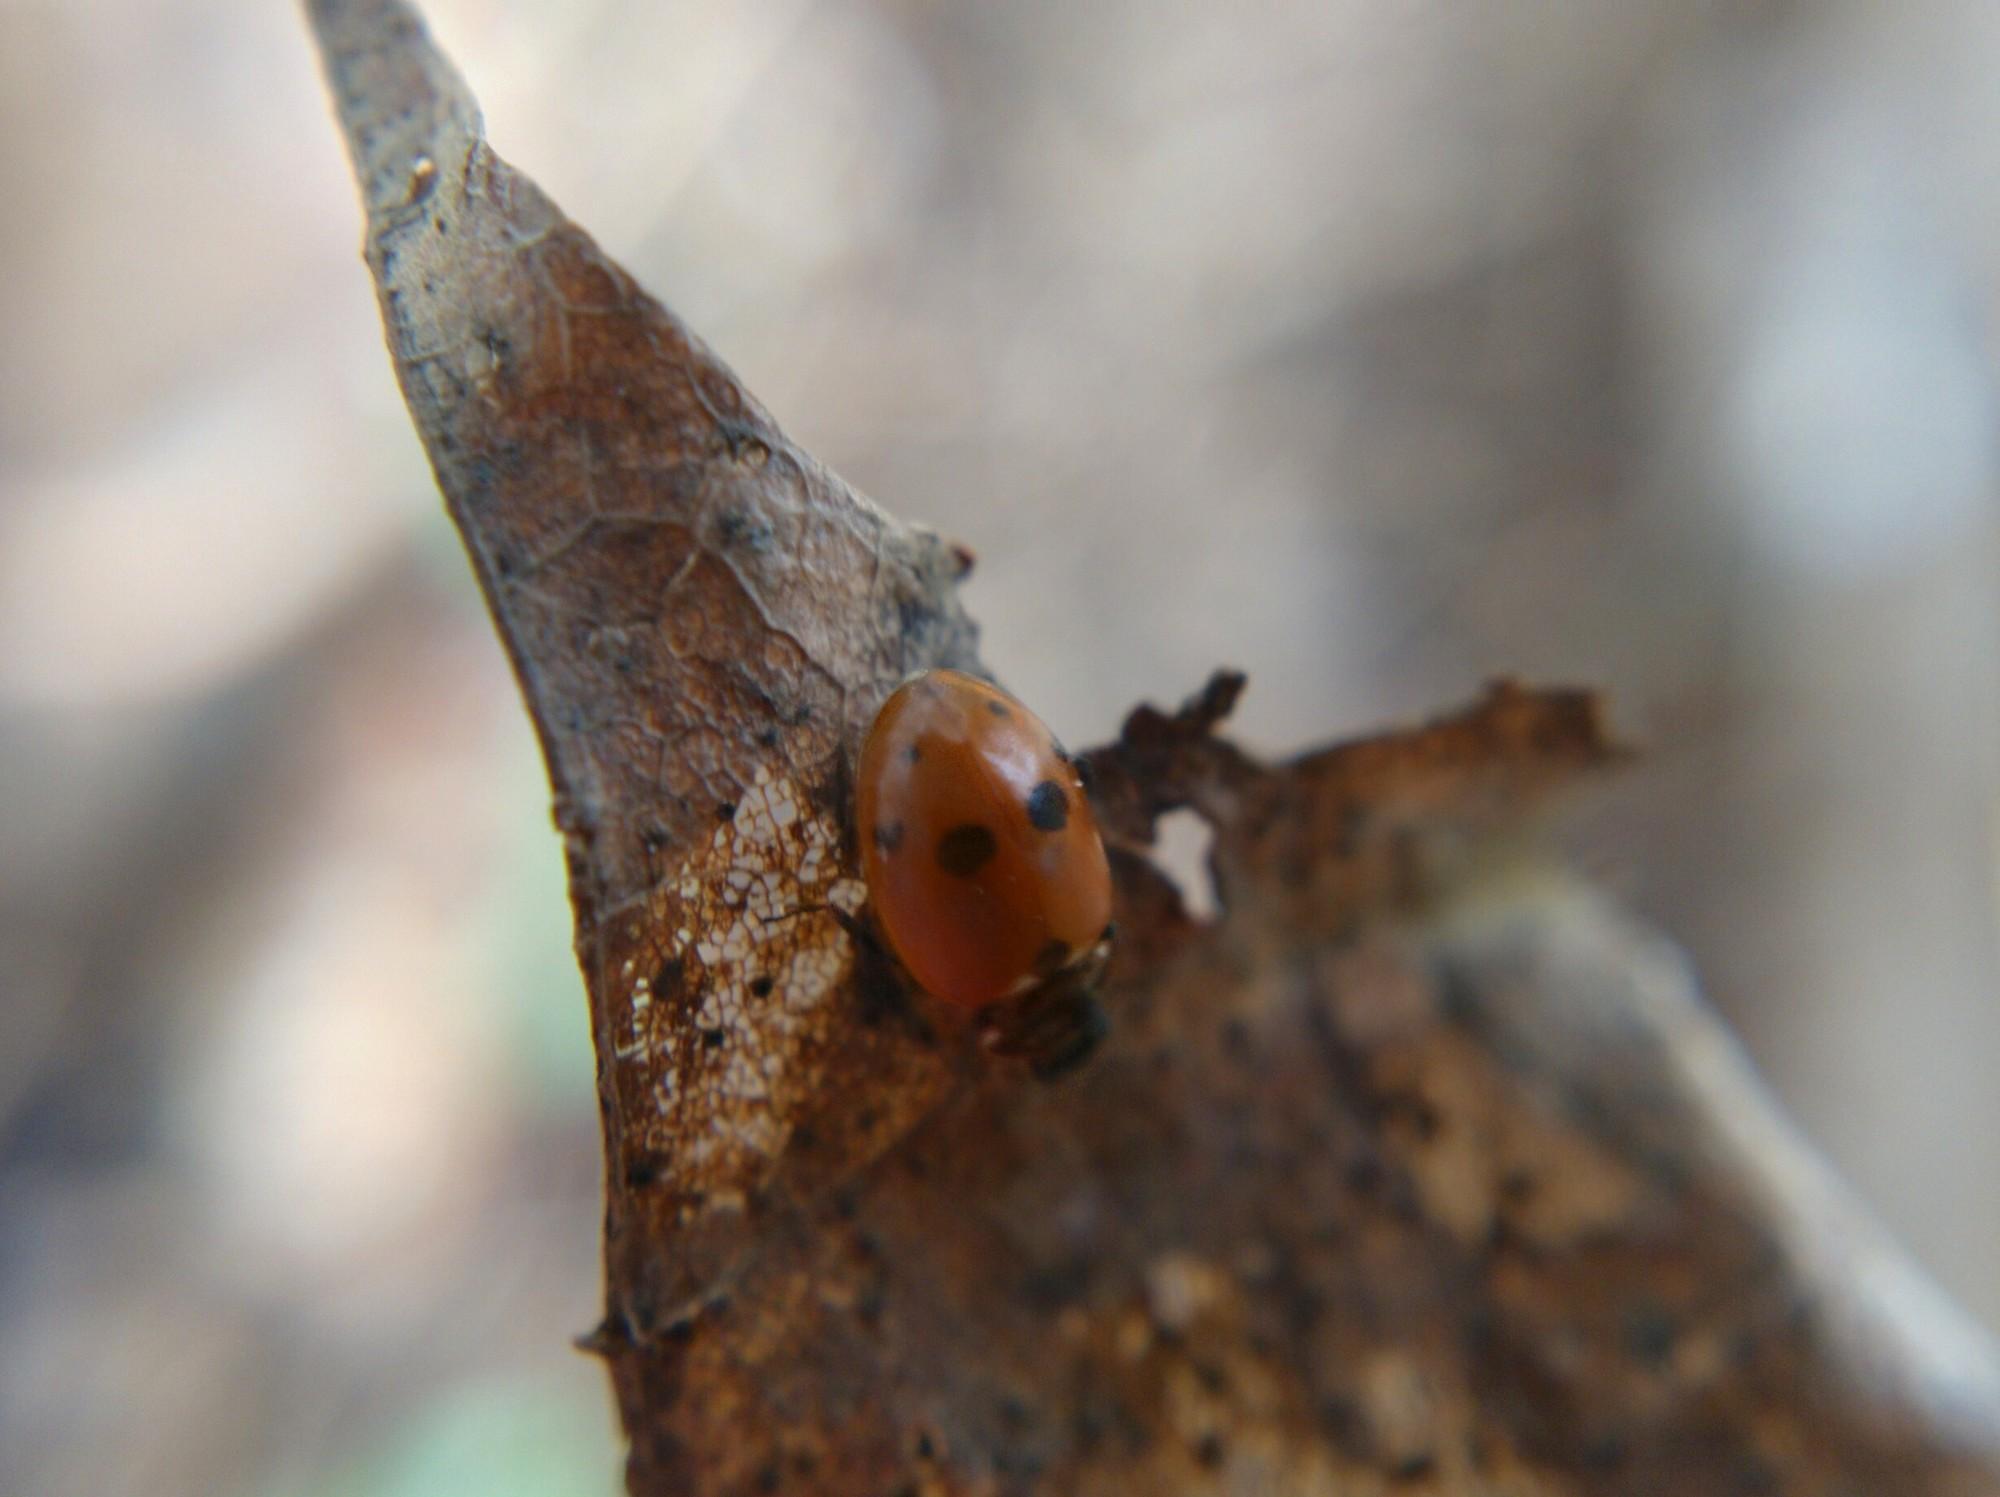 Ladybug on a dead leaf